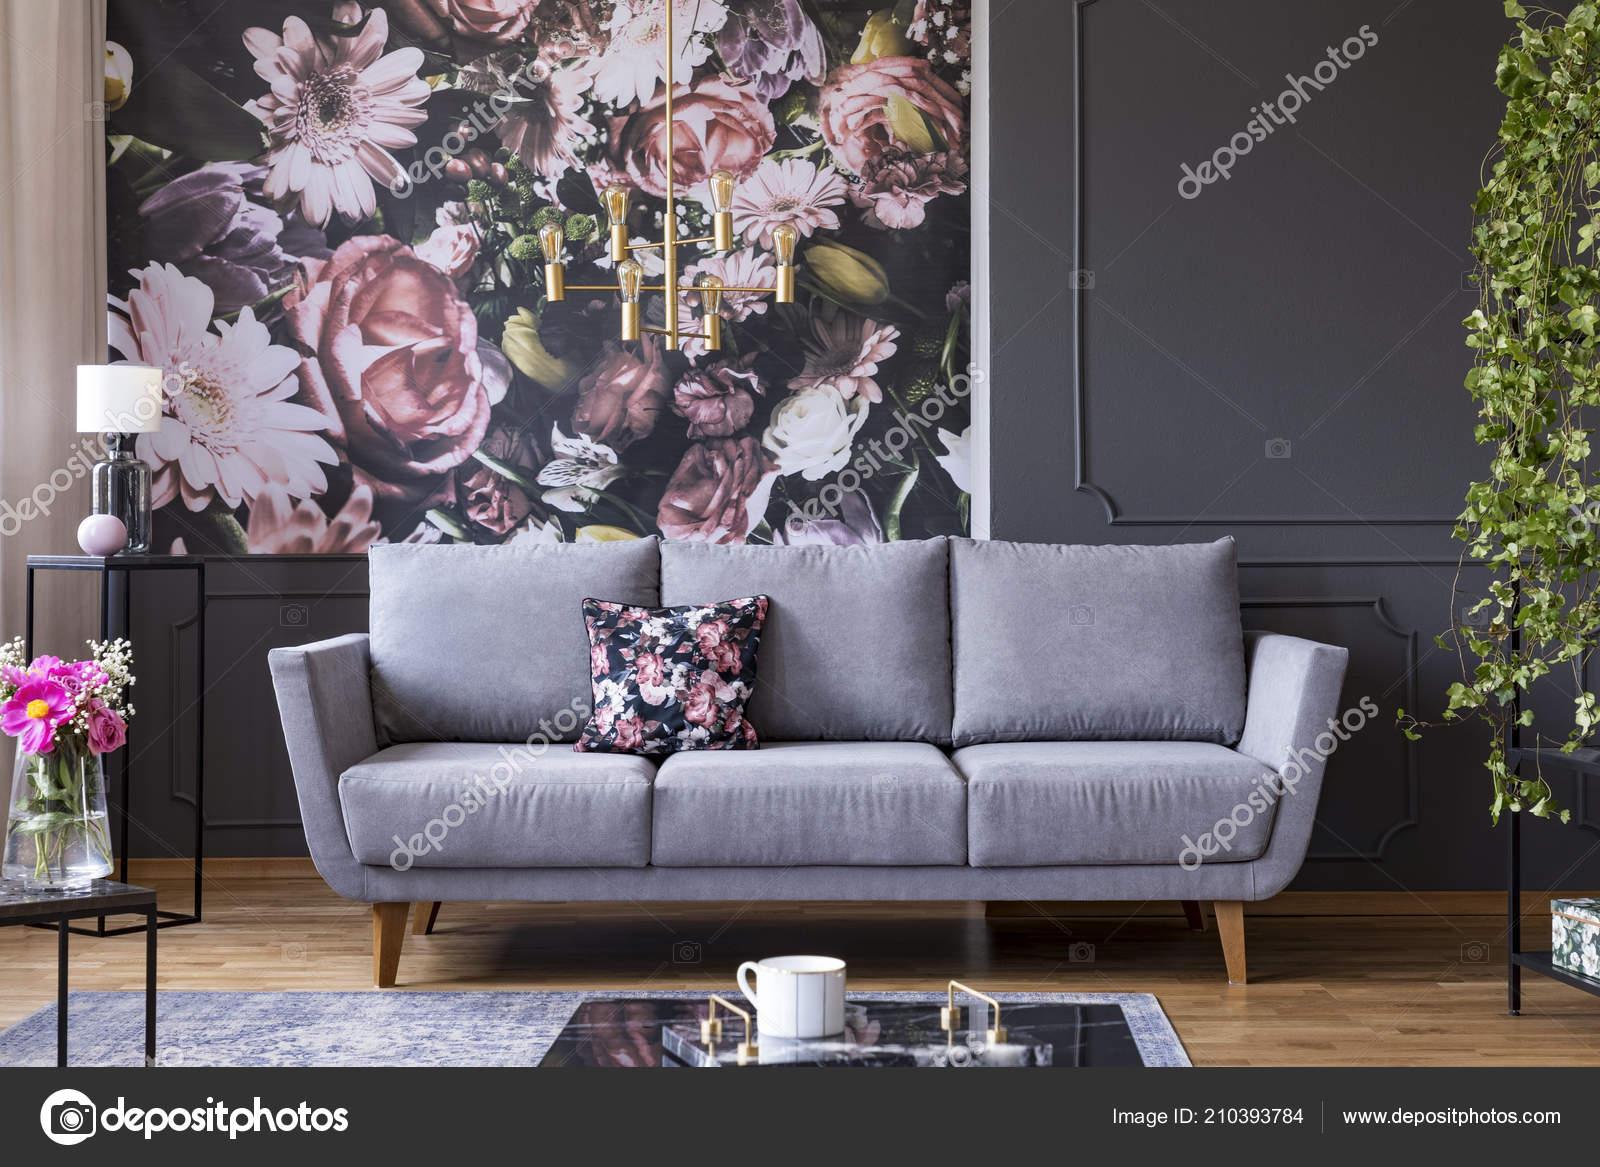 Grau Lounge Mit Gemusterten Kissen Echtes Foto Von Dunklen